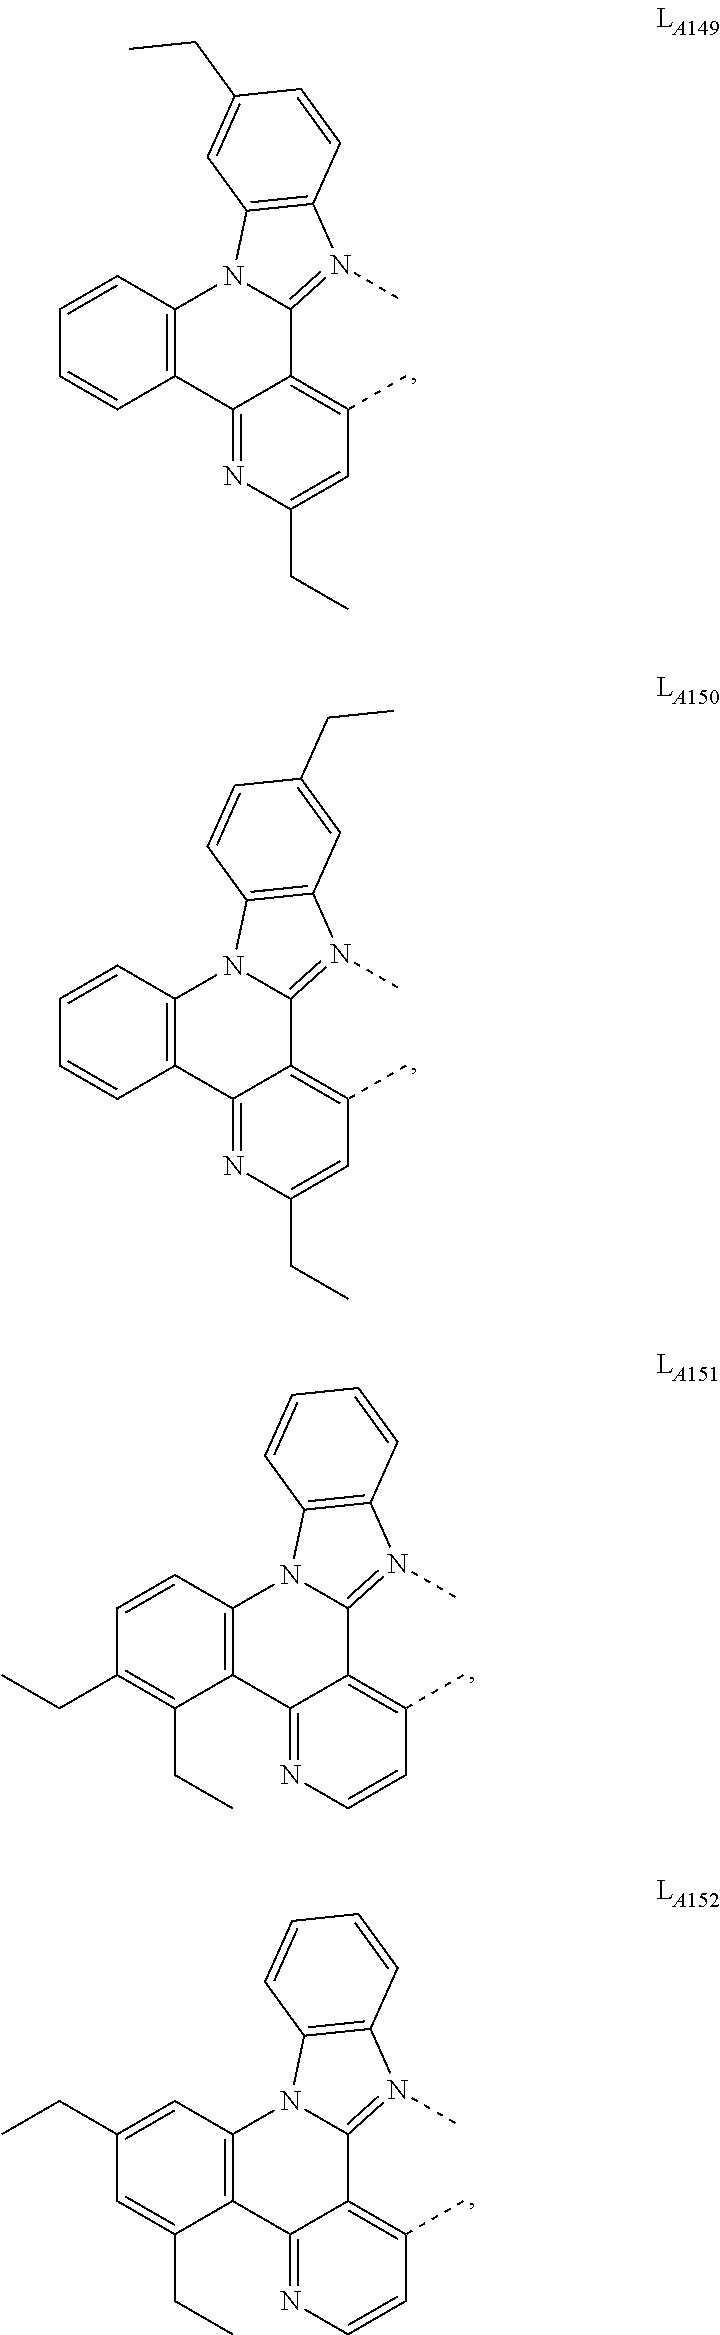 Figure US09905785-20180227-C00059